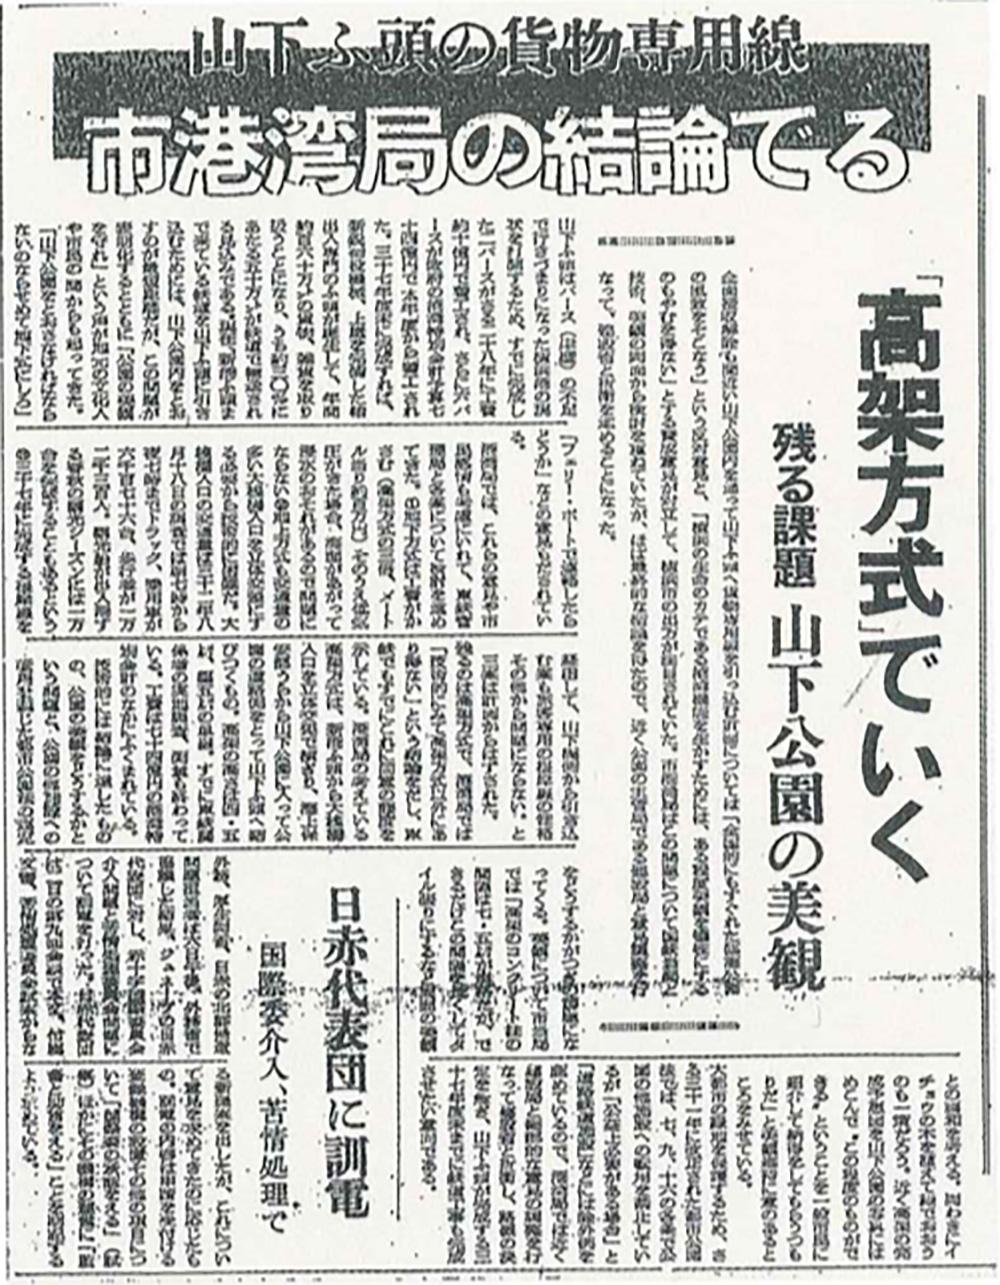 高架方式の決定を伝える記事(神奈川新聞)